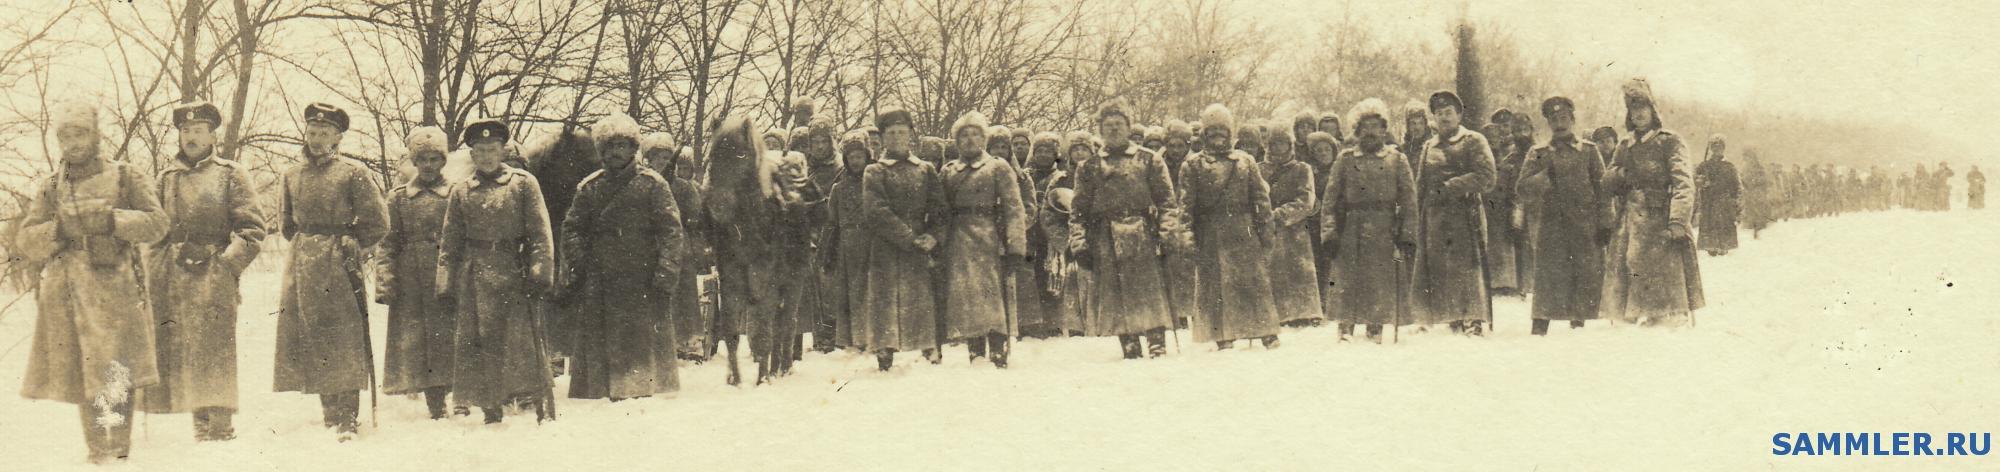 95-й пехотный Красноярский полк 12.1 2.jpg